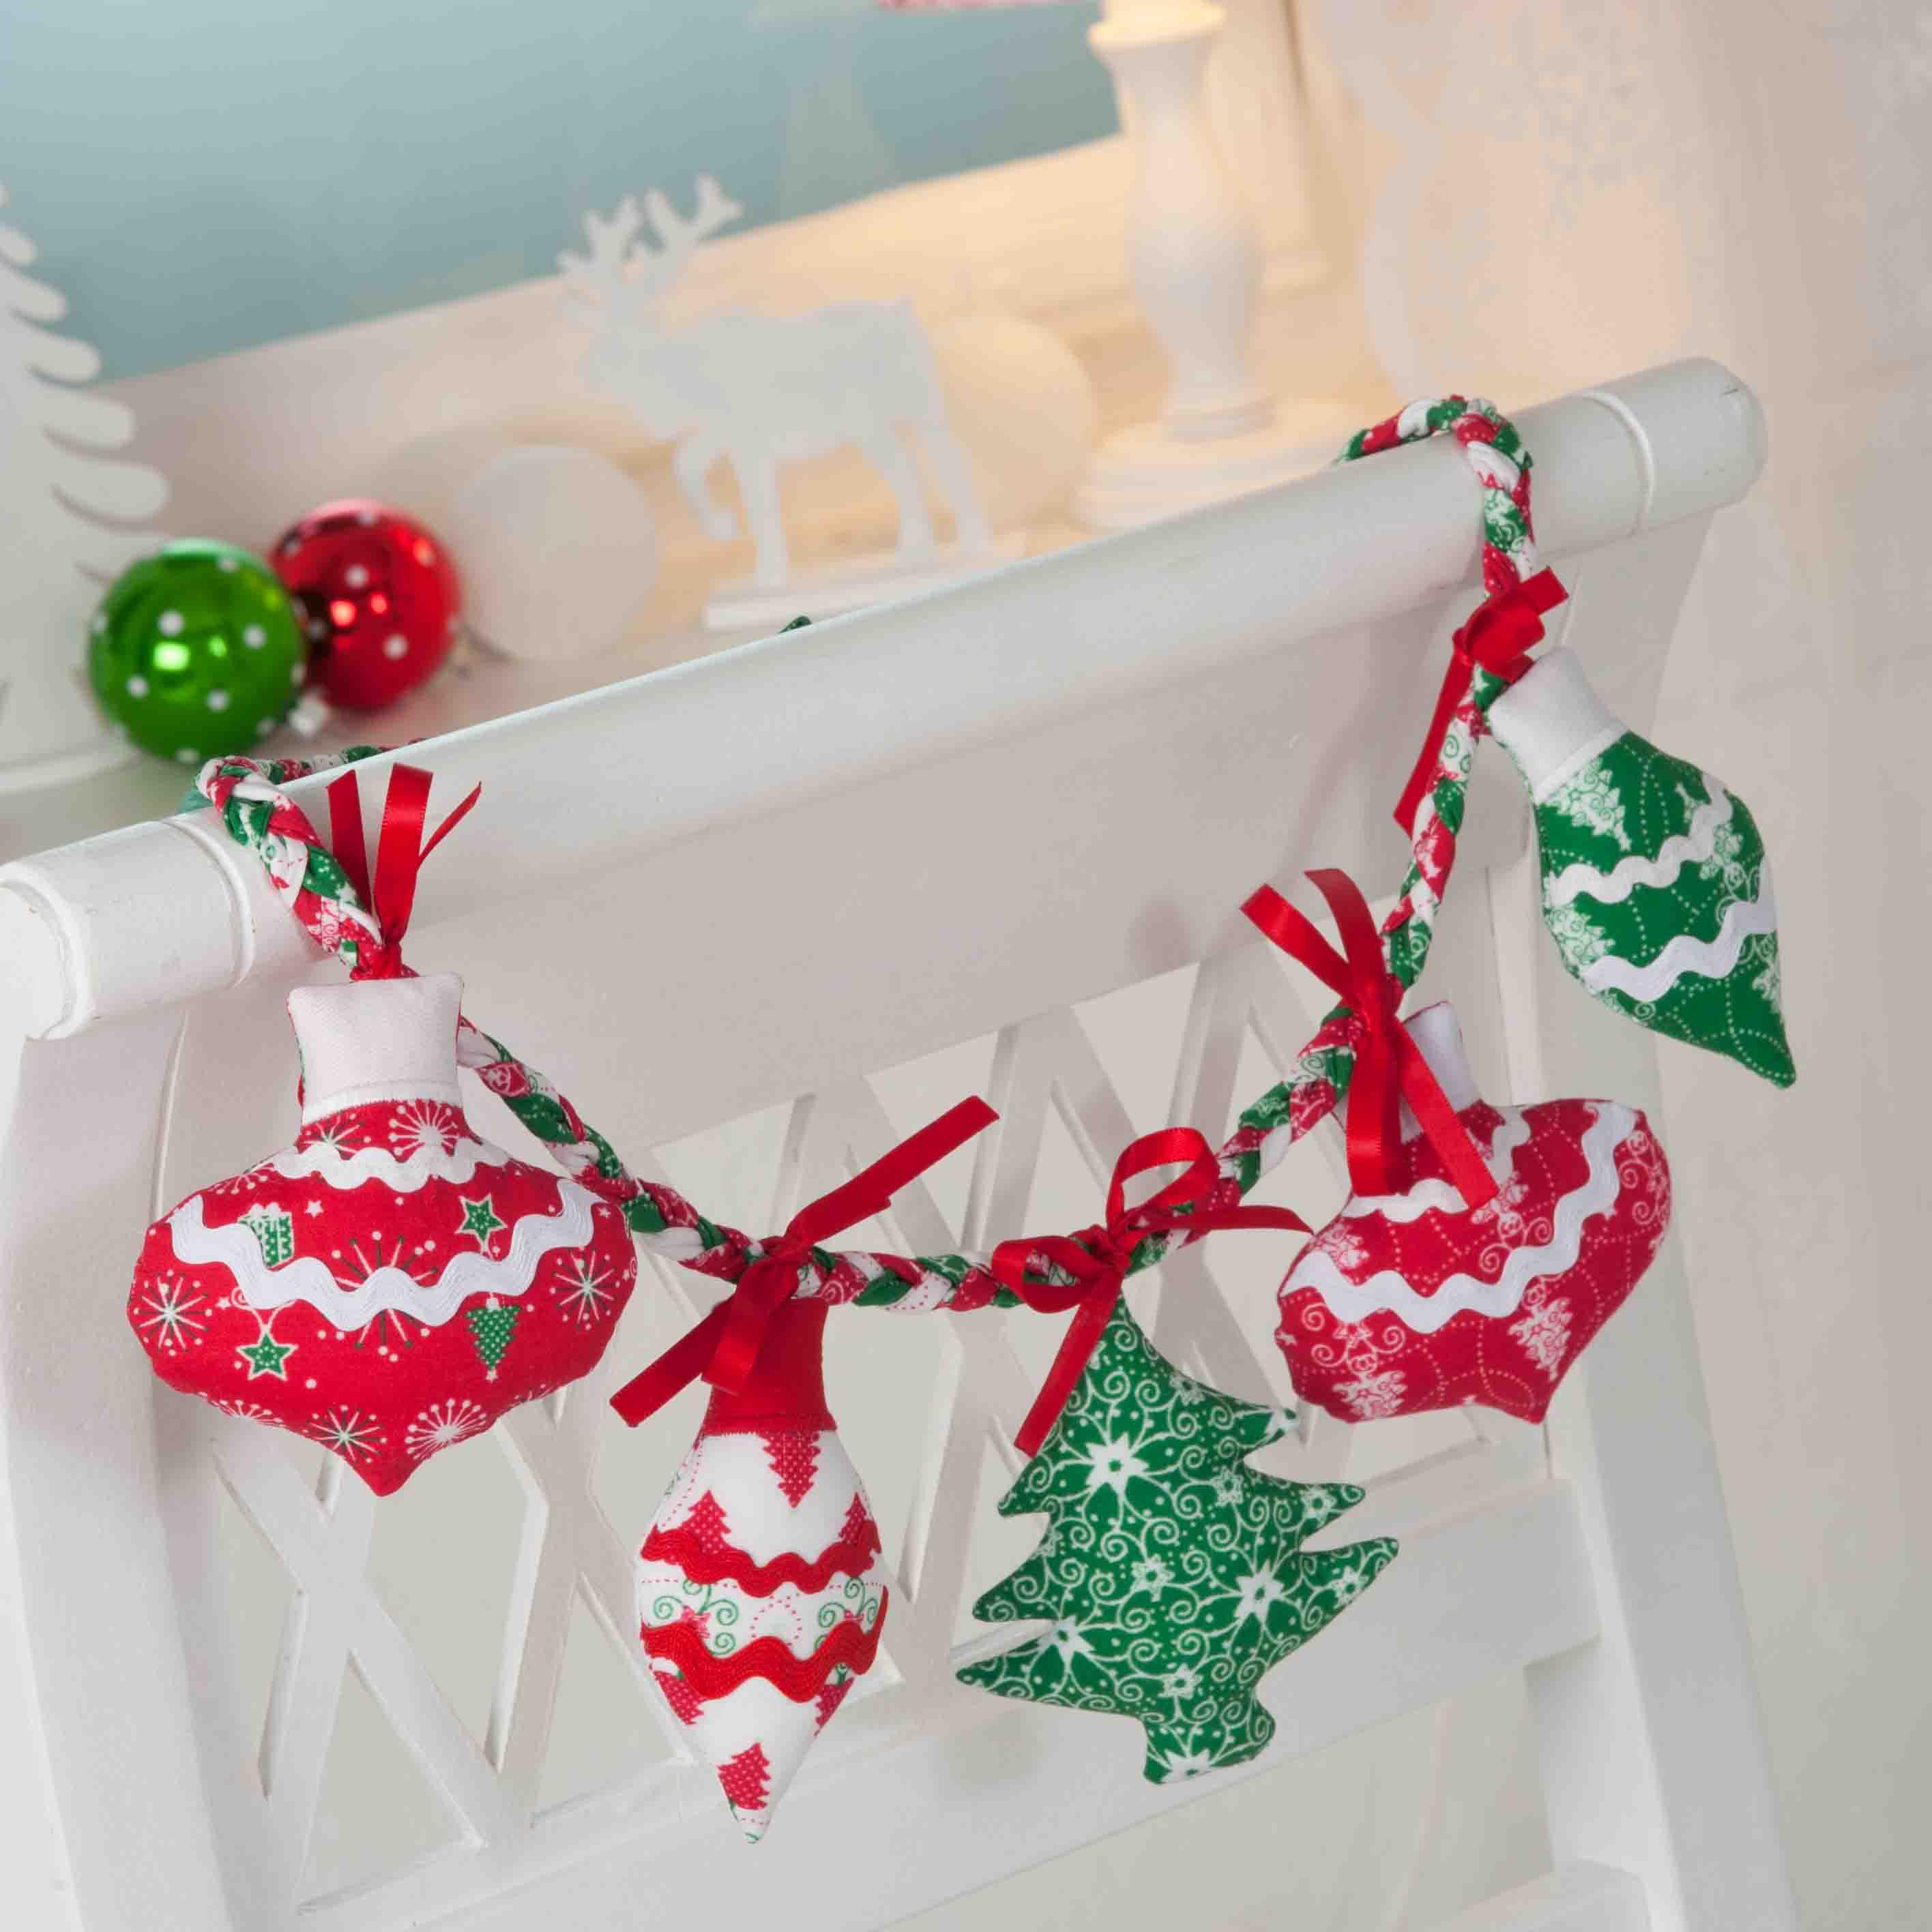 Witzige weihnachtliche Anhänger (Tante Ema Kleines Nähglück Nr. 8 und Nr. 9)